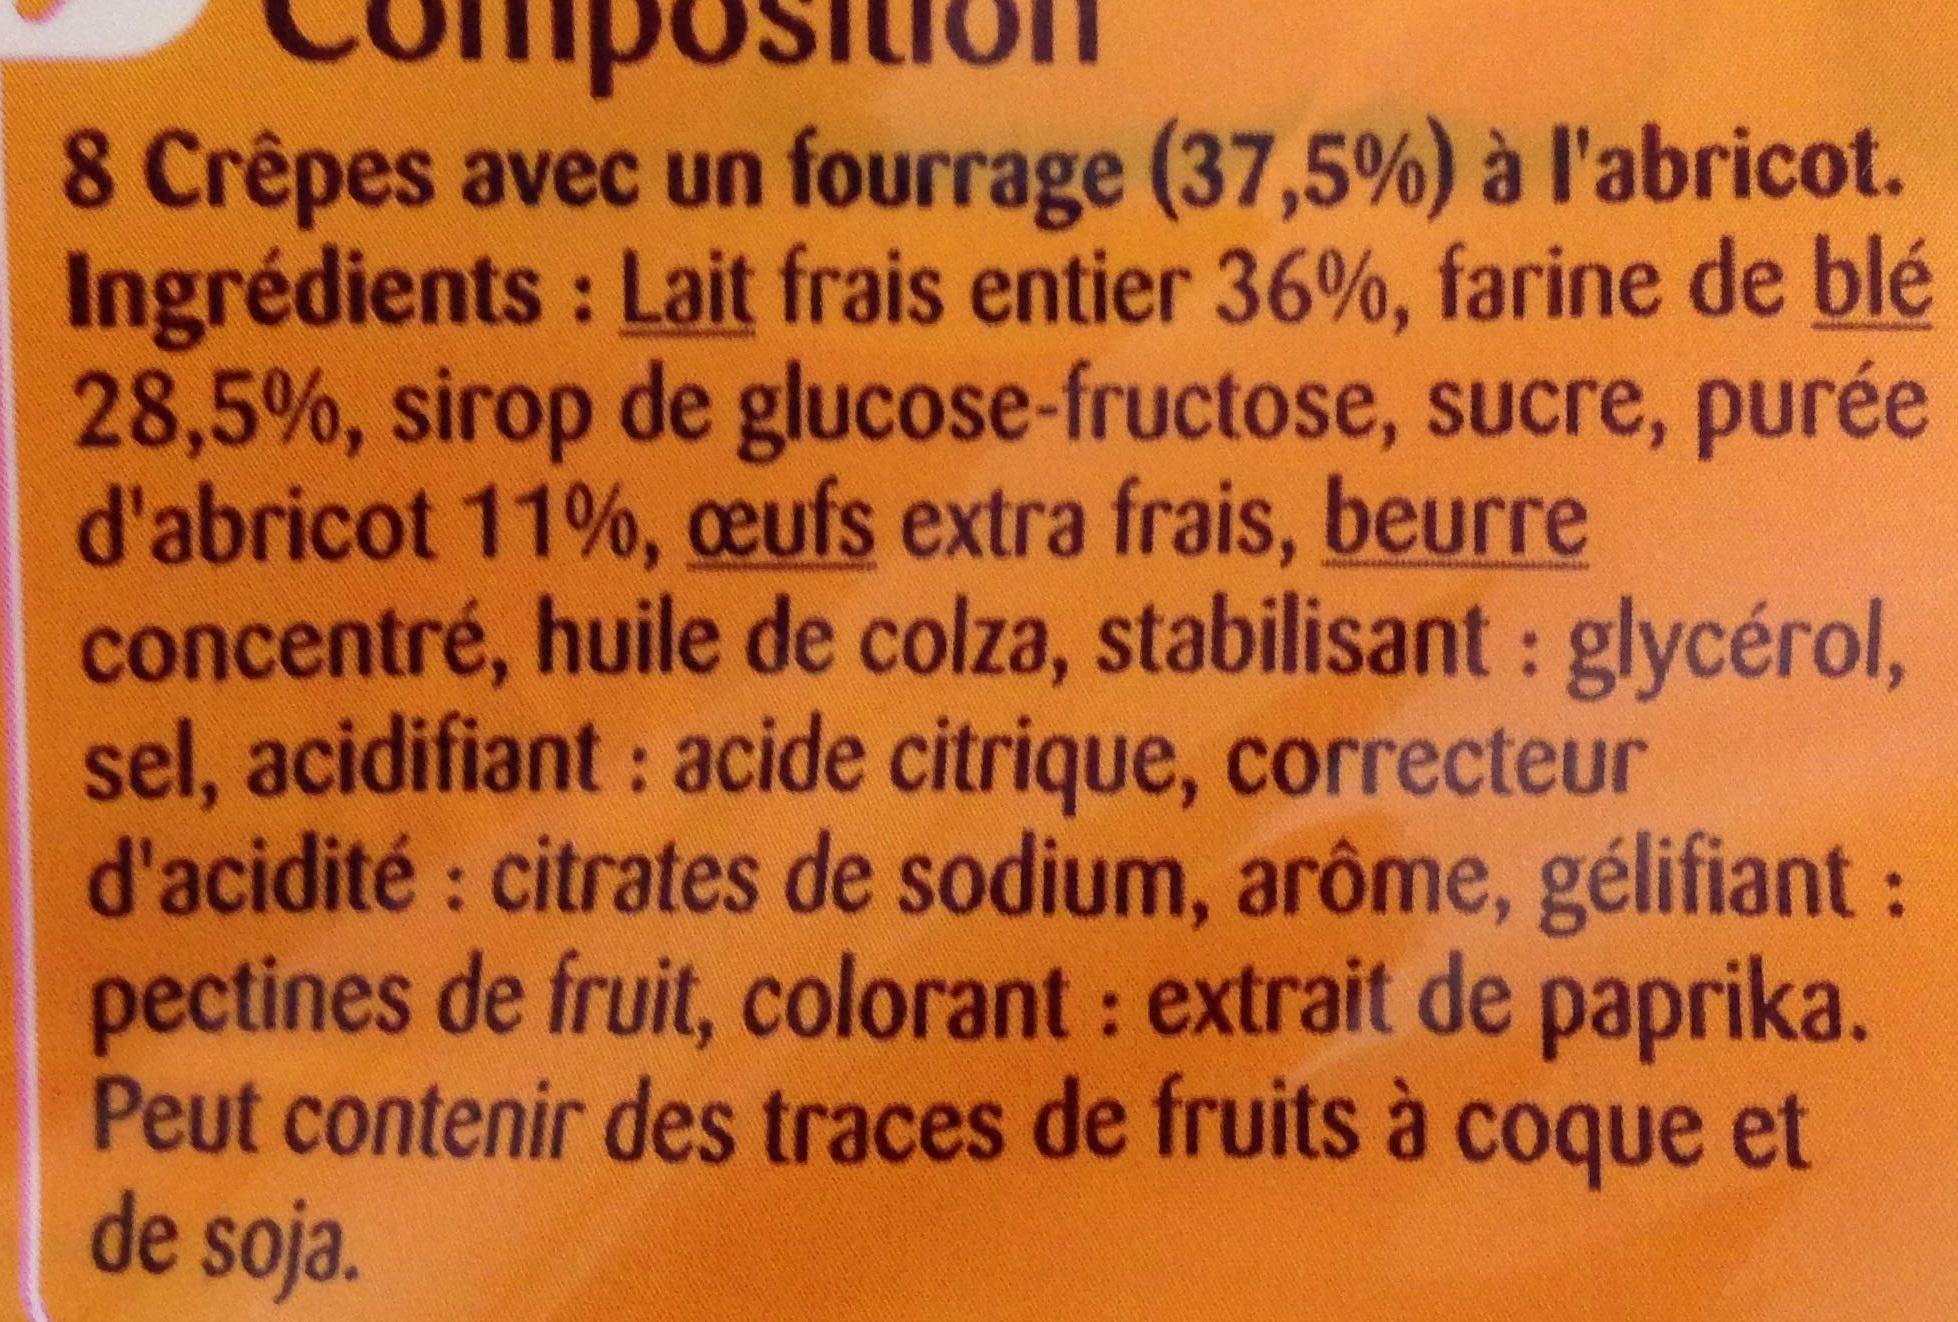 Crêpes fourrage à l'abricot - Ingrediënten